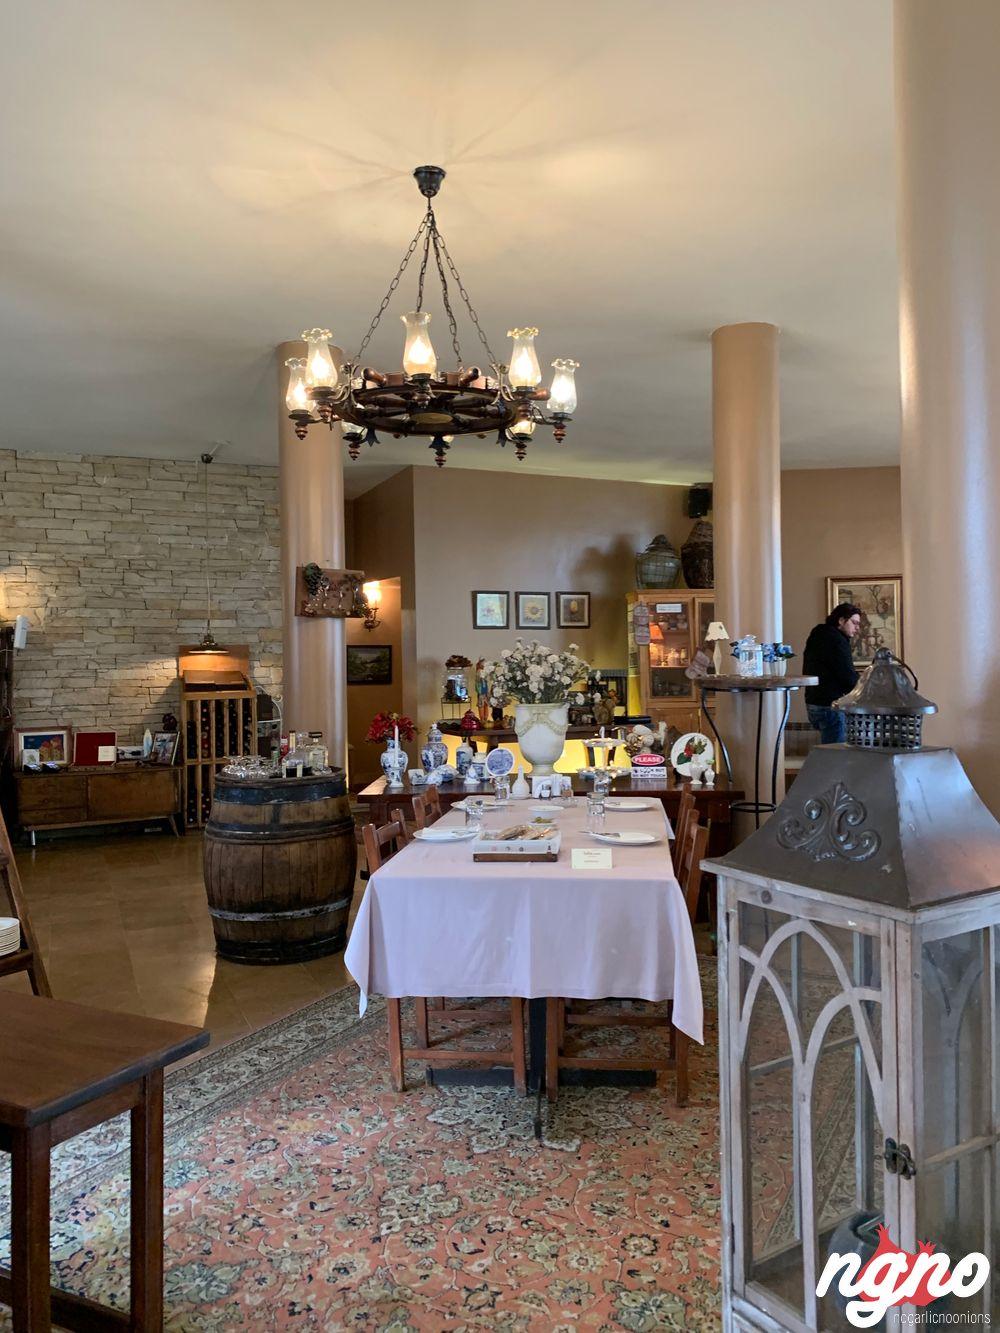 tallet-nasr-naas-restaurant-nogarlicnoonions-1022019-03-22-09-22-49